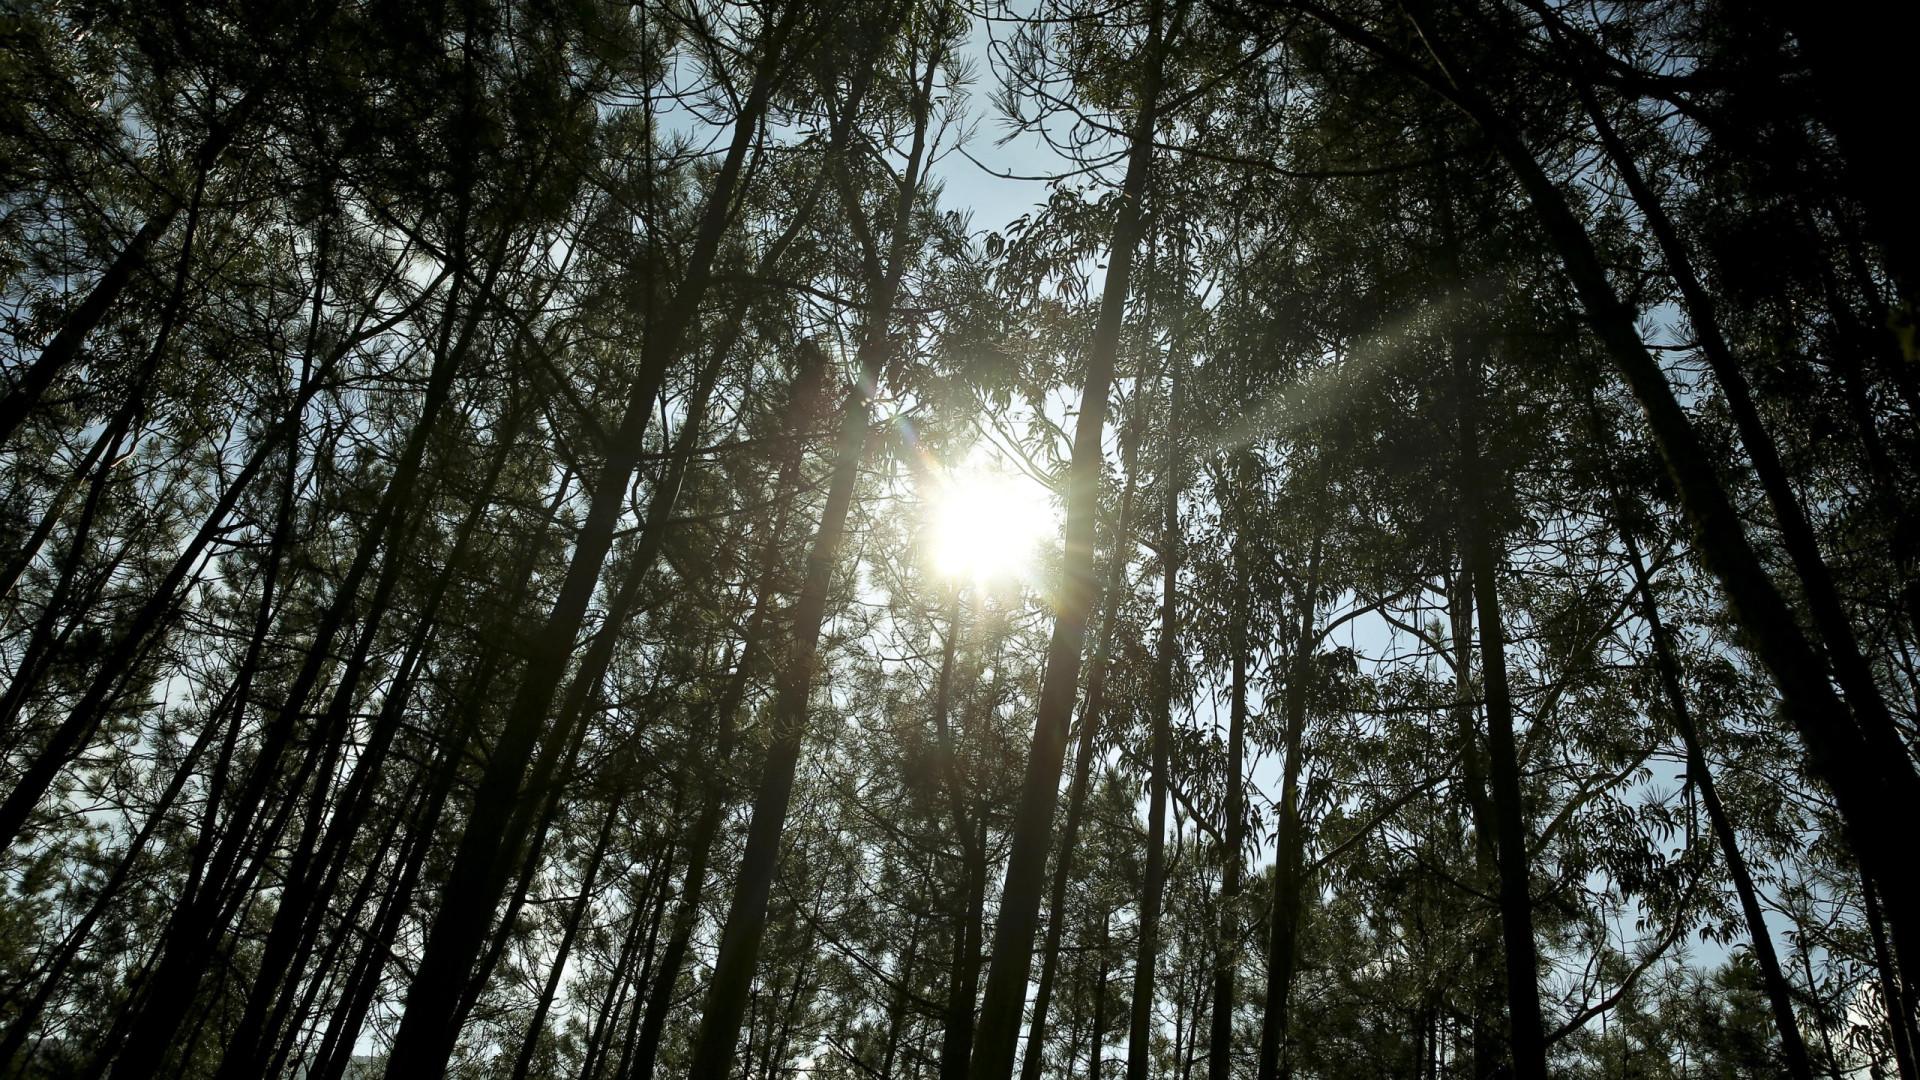 Redução da área de eucalipto na floresta portuguesa em vigor em março